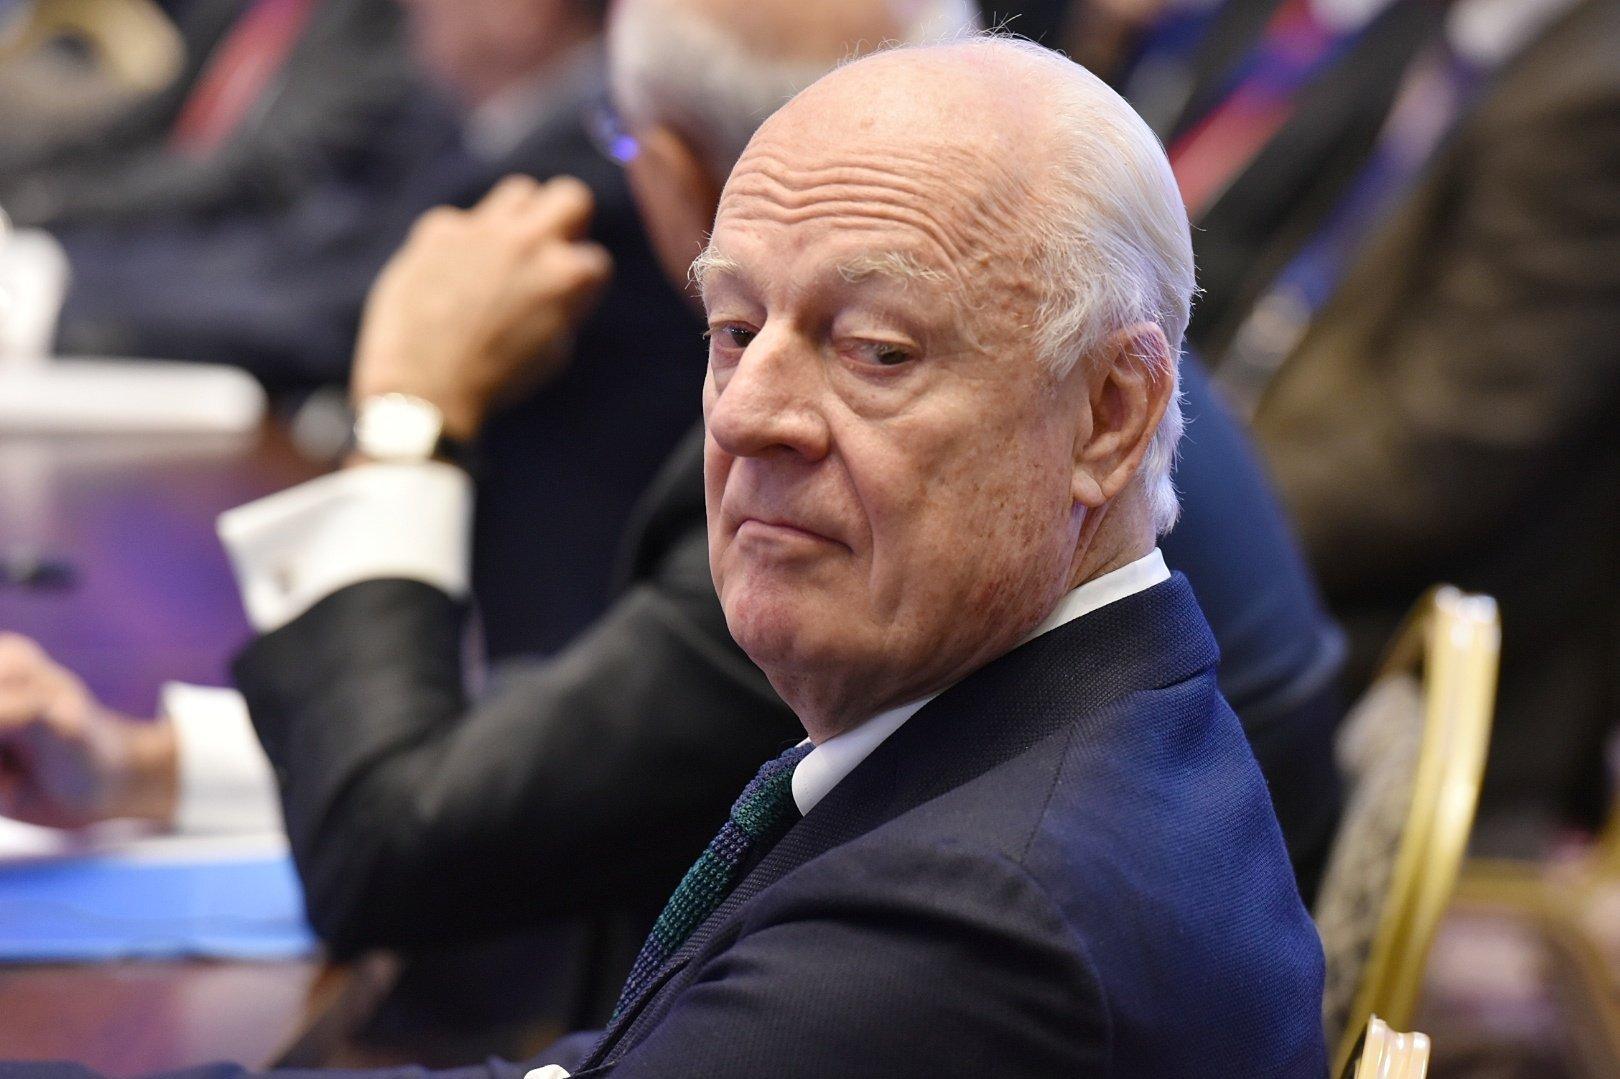 Одиннадцатый раунд переговоров по Сирии состоялся в Астане.  Специальный посланник генерального секретаря ООН по Сирии Стаффан де Мистура